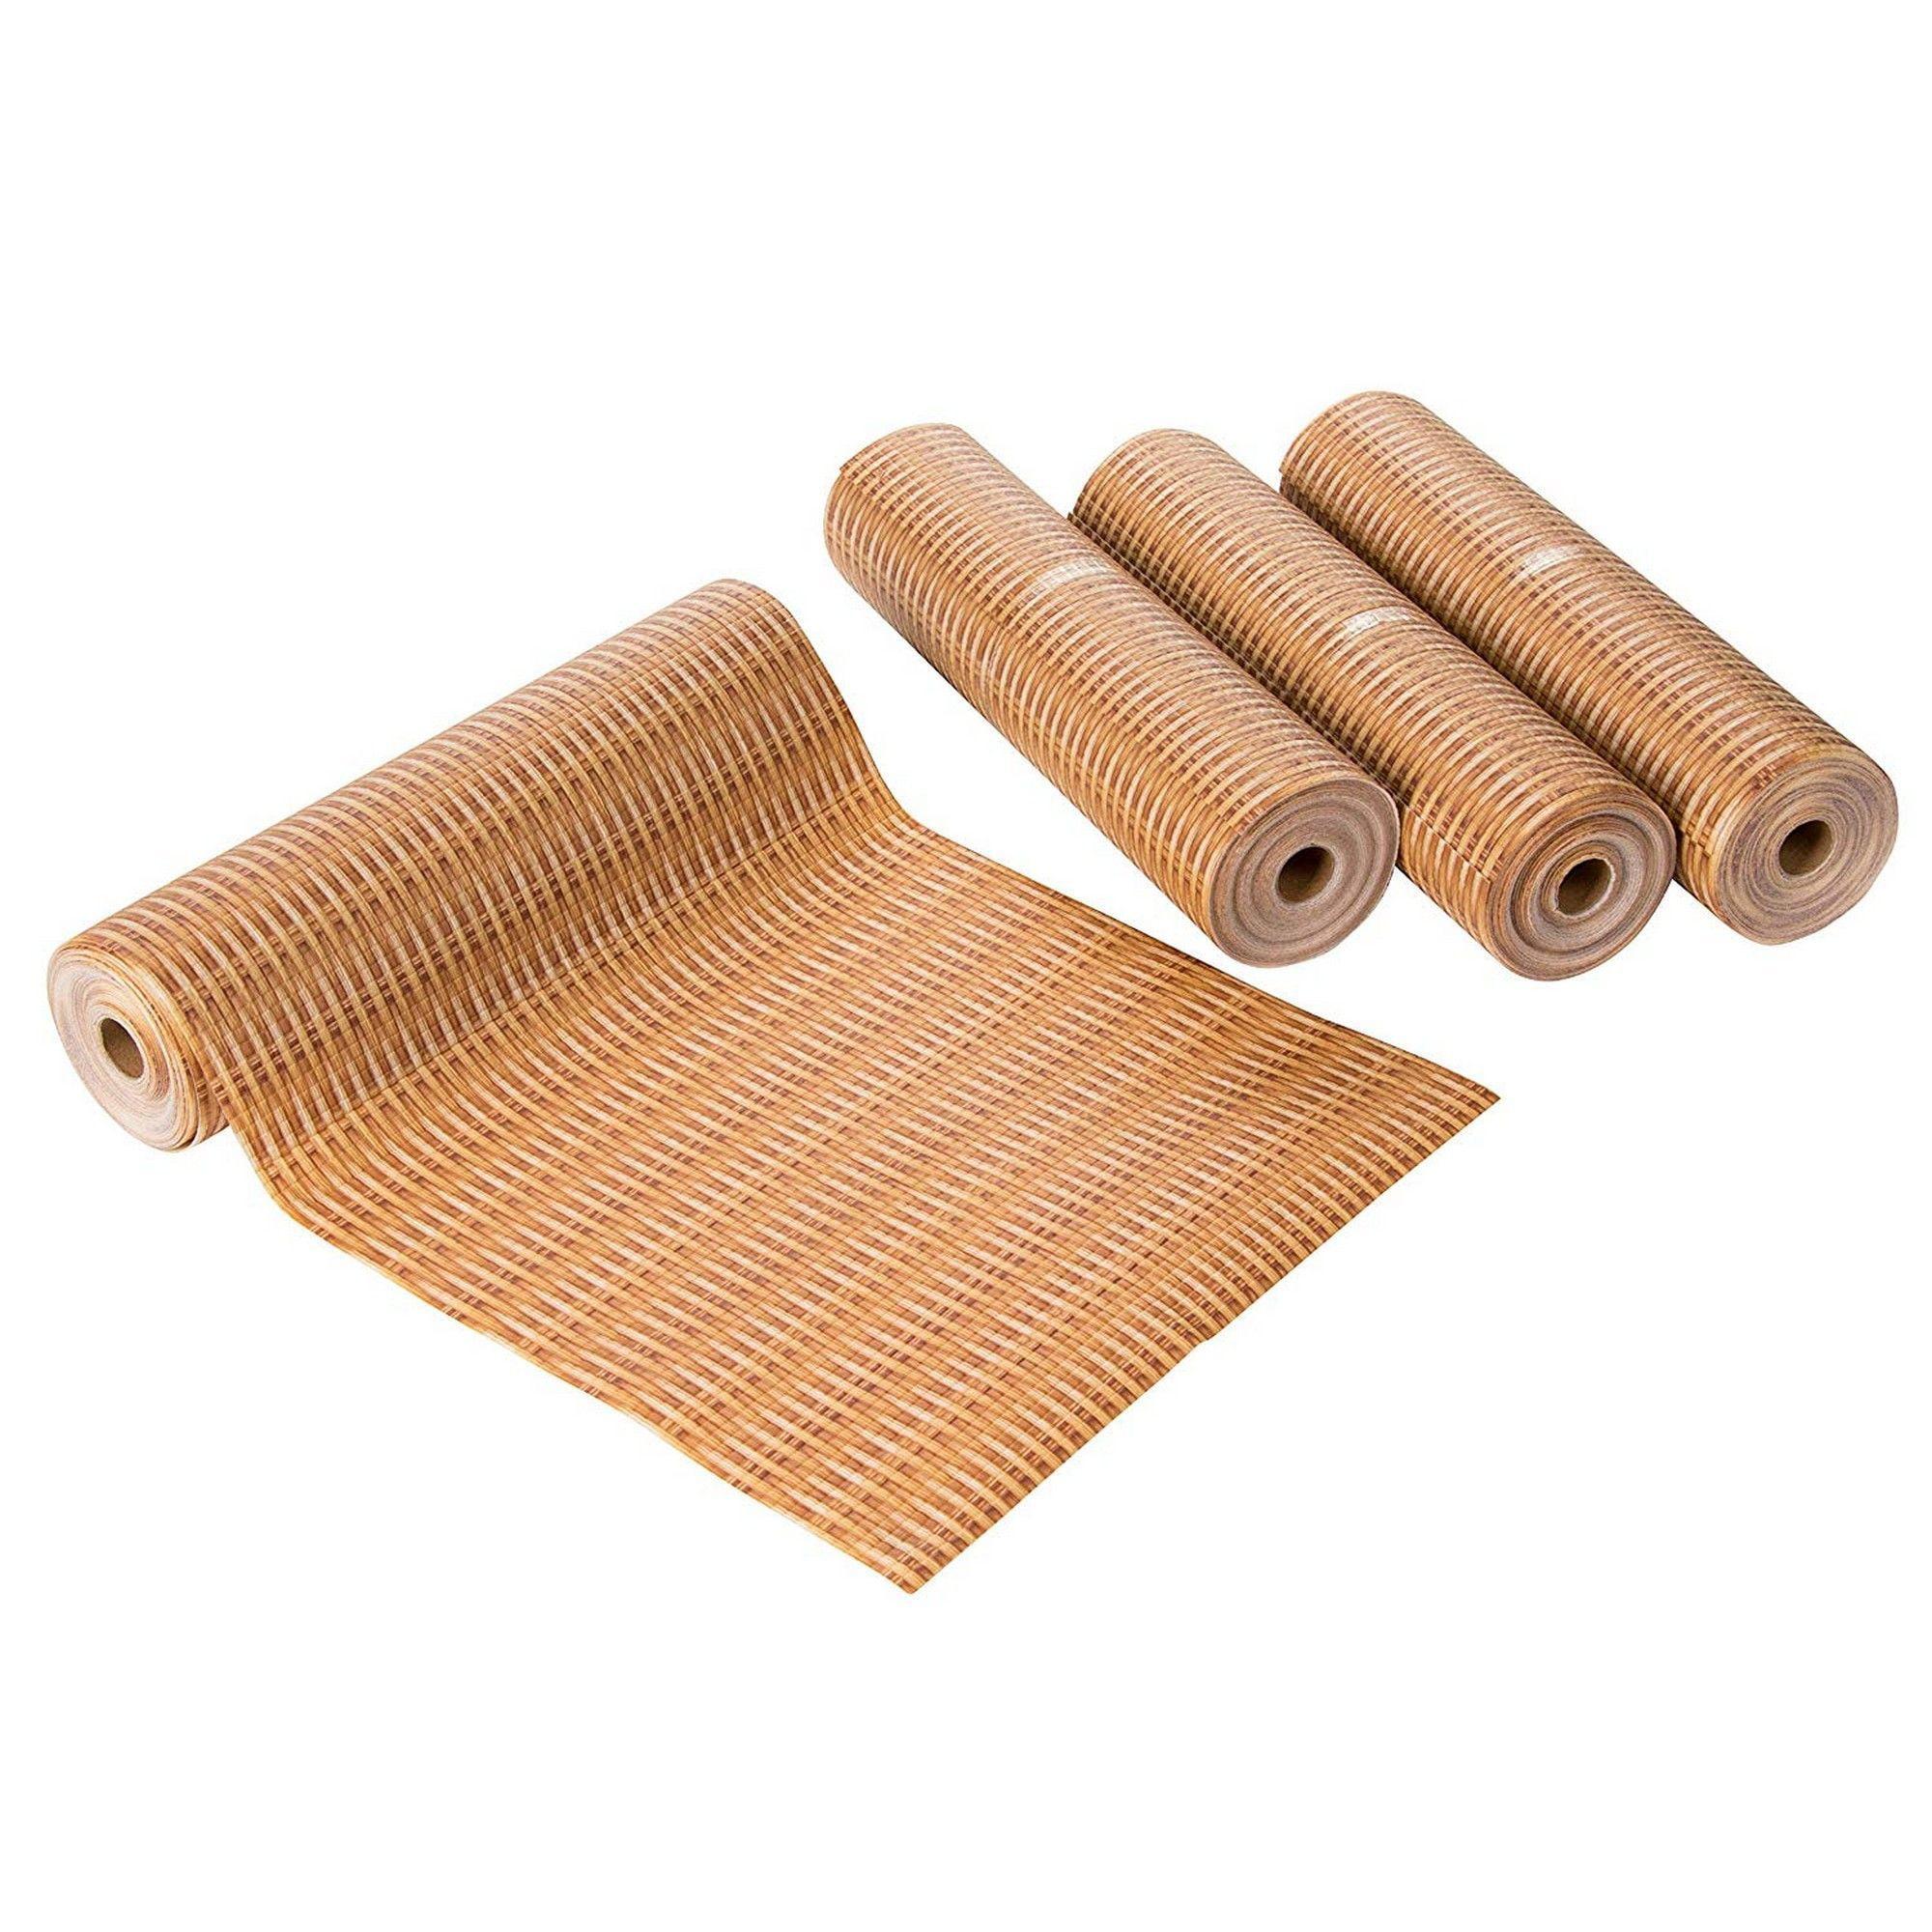 Cabinet Shelf Liner Walmart: 4-Roll Non-Adhesive Non-Slip